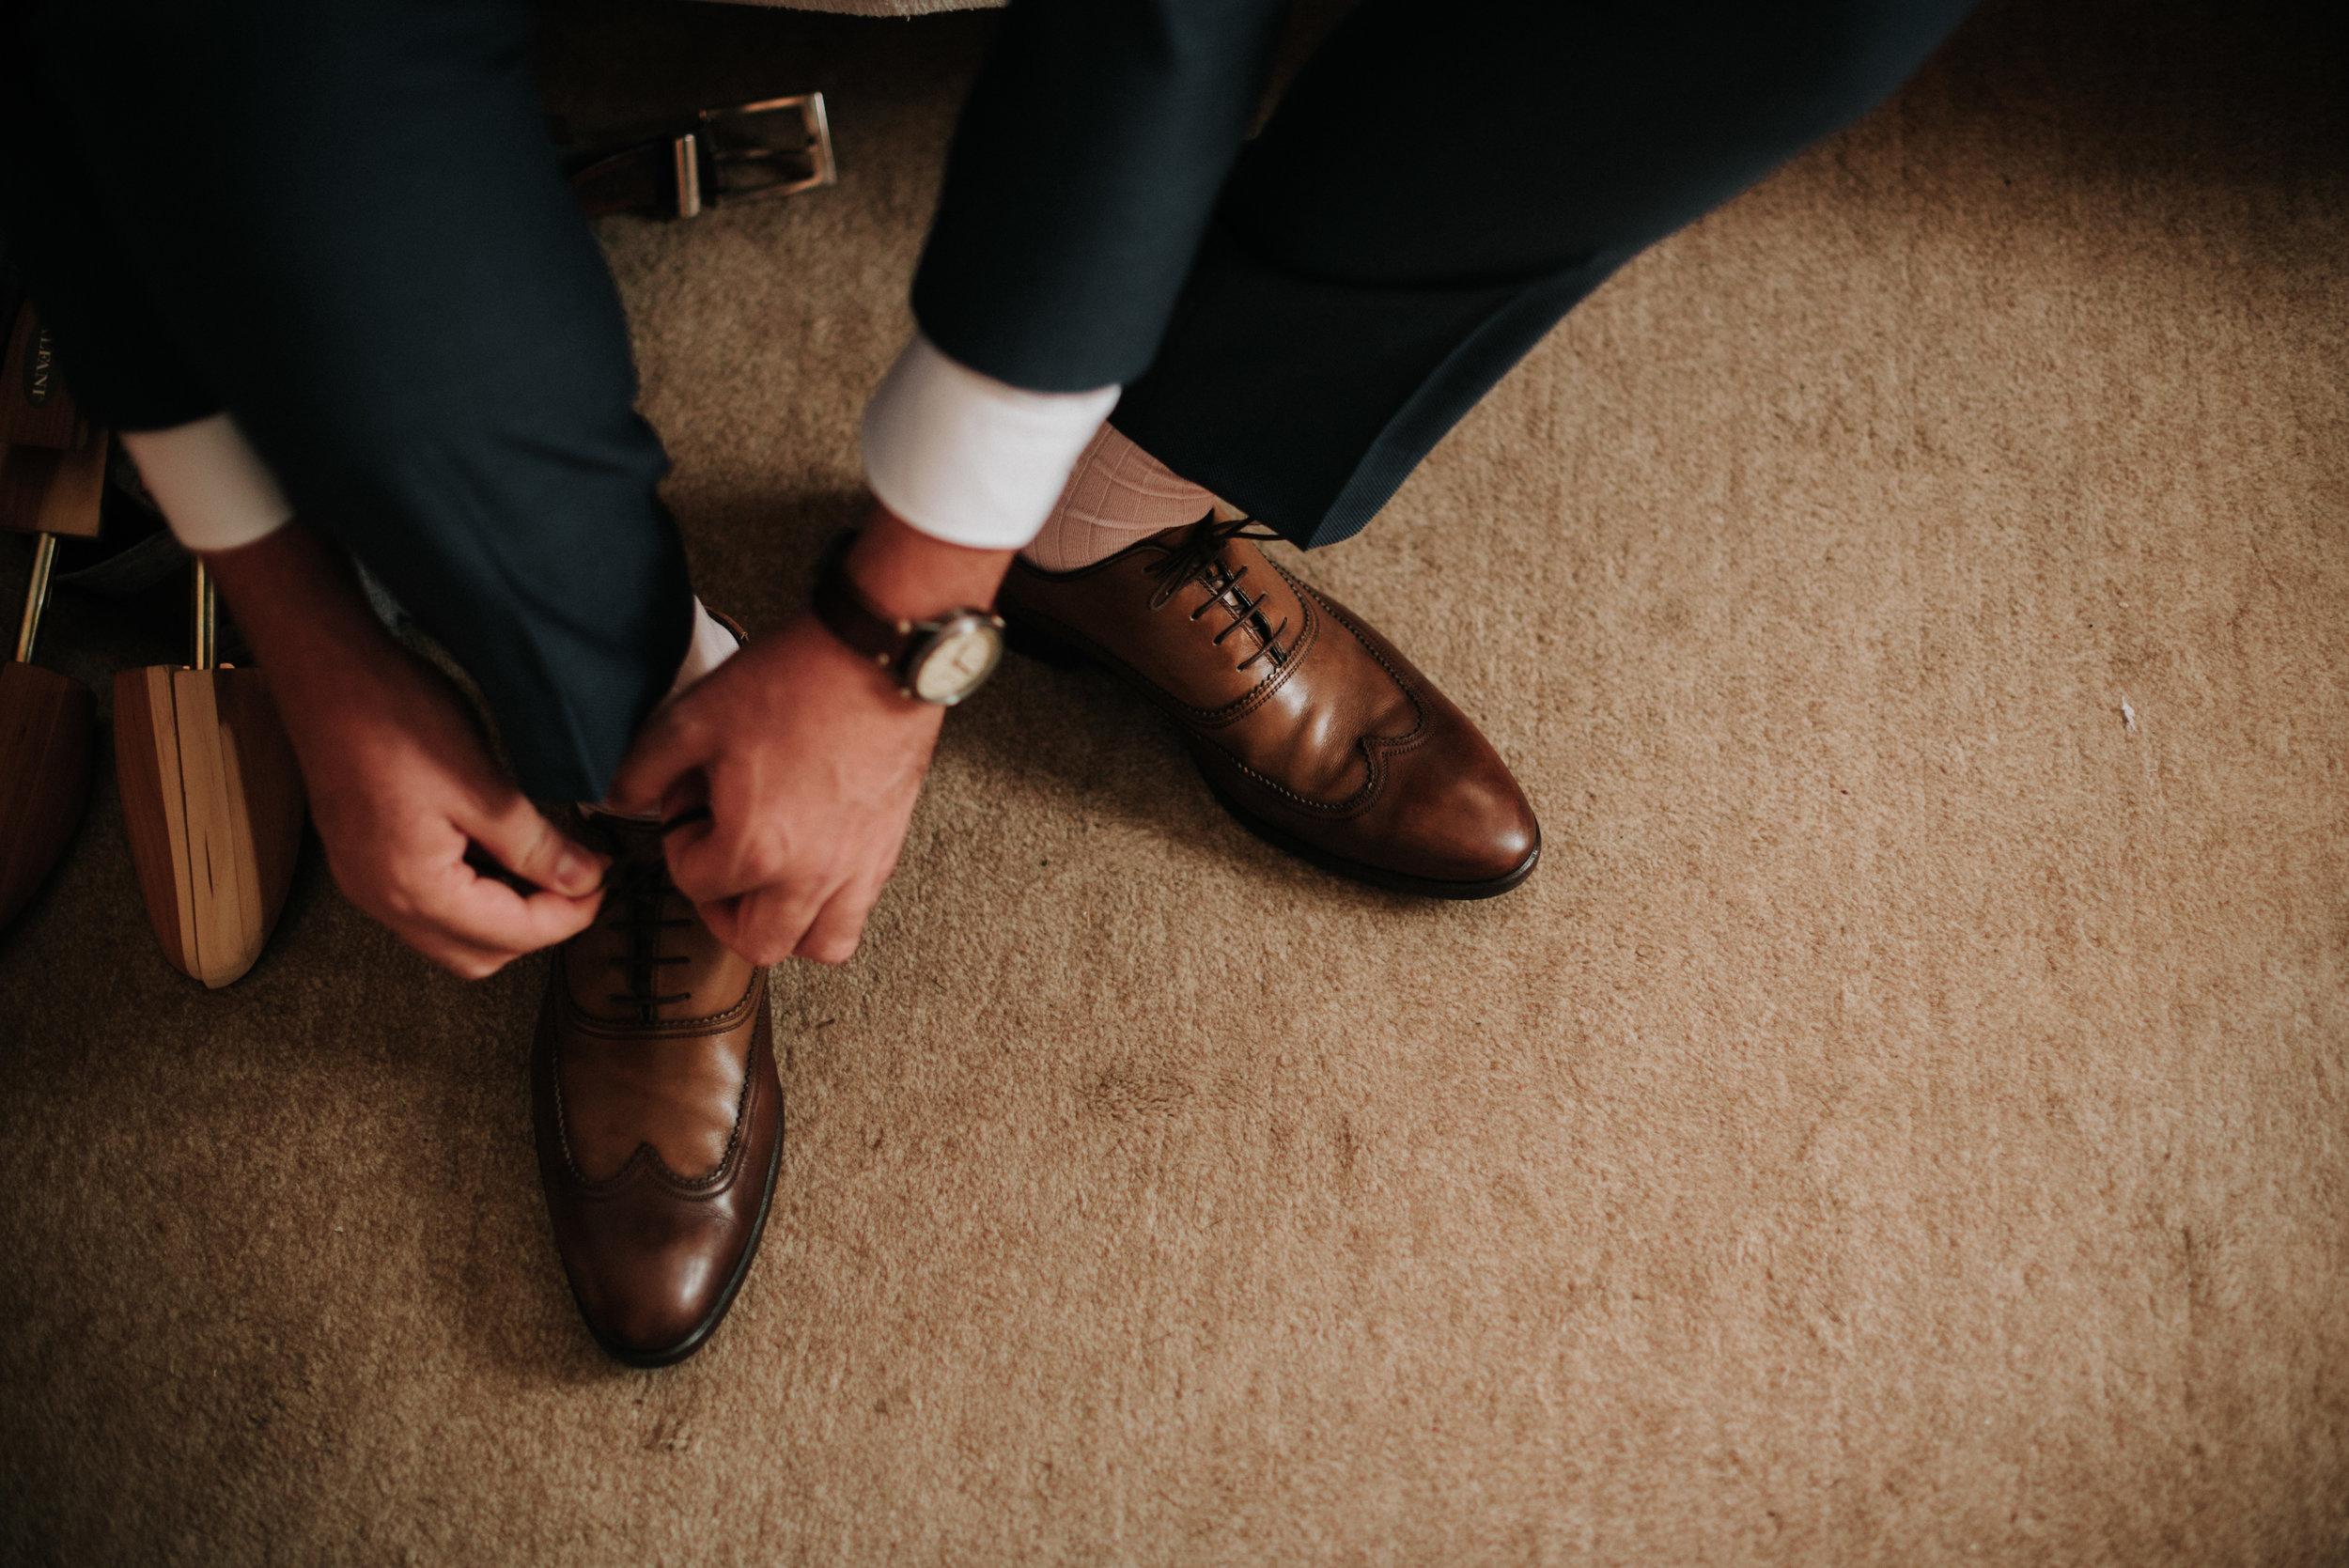 Léa-Fery-photographe-professionnel-lyon-rhone-alpes-portrait-creation-mariage-evenement-evenementiel-famille-0050.jpg